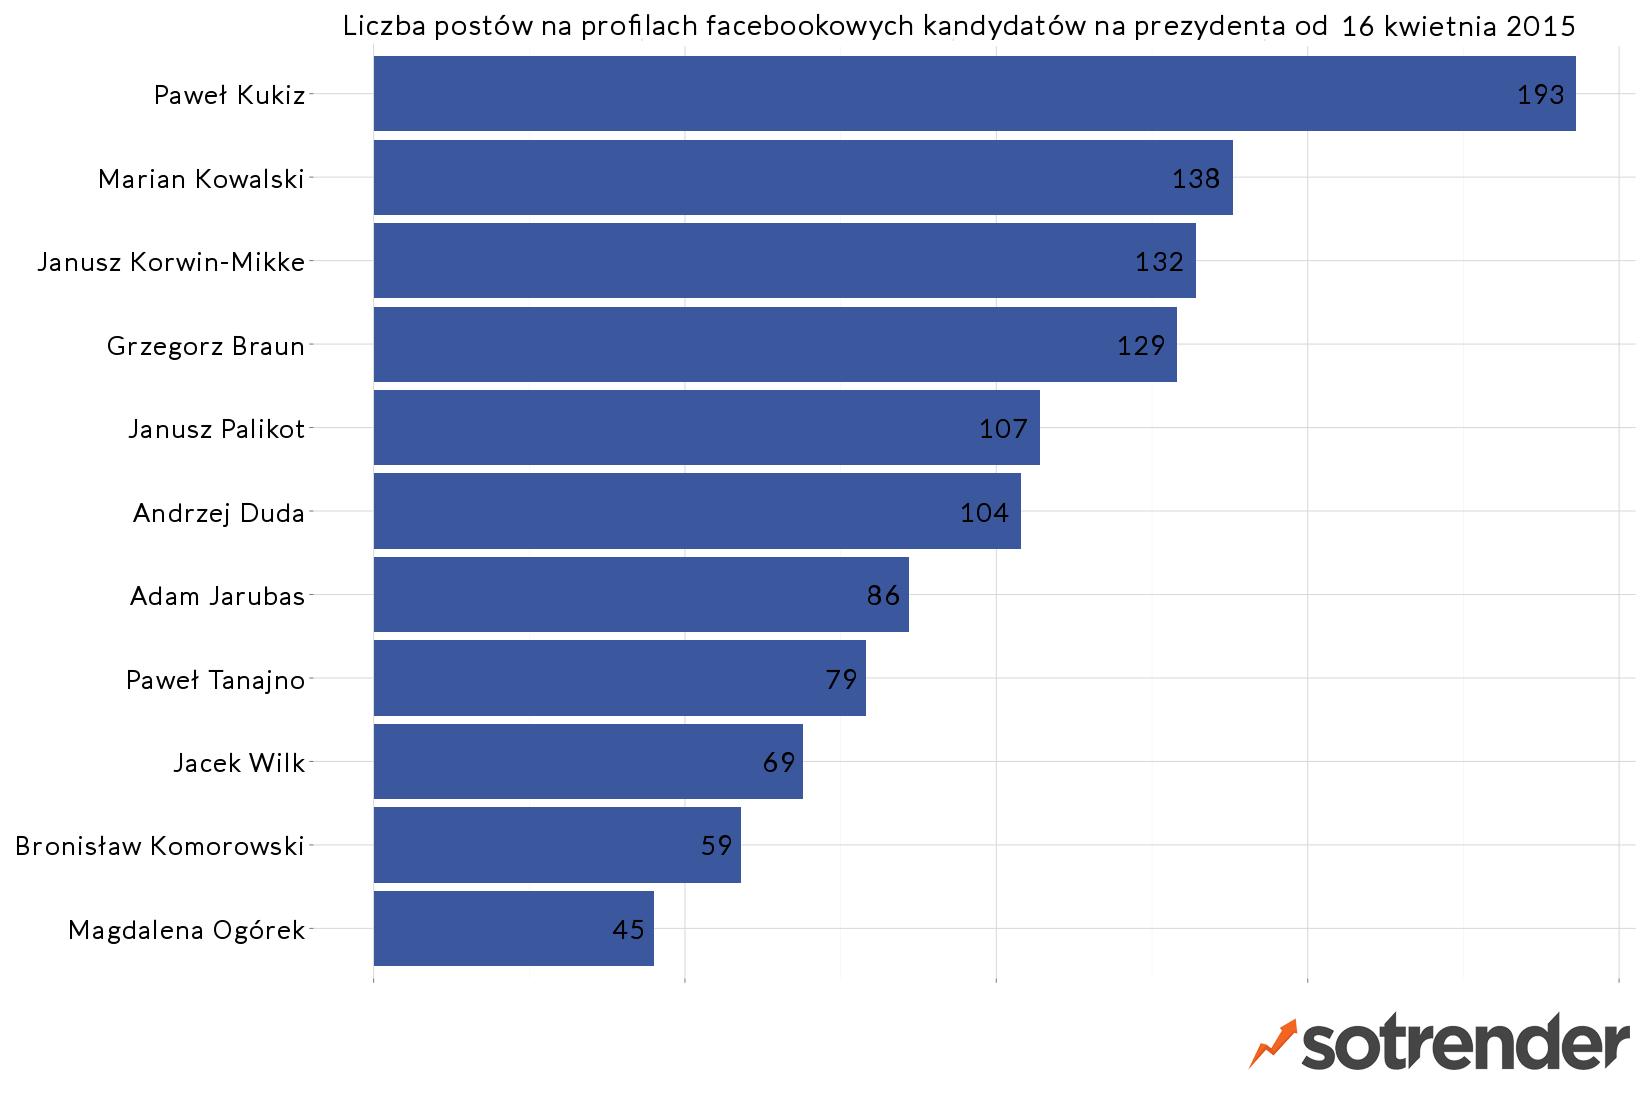 Liczba postów zamieszczonych na stronach kandydatów na prezydenta - raport Sotrendera